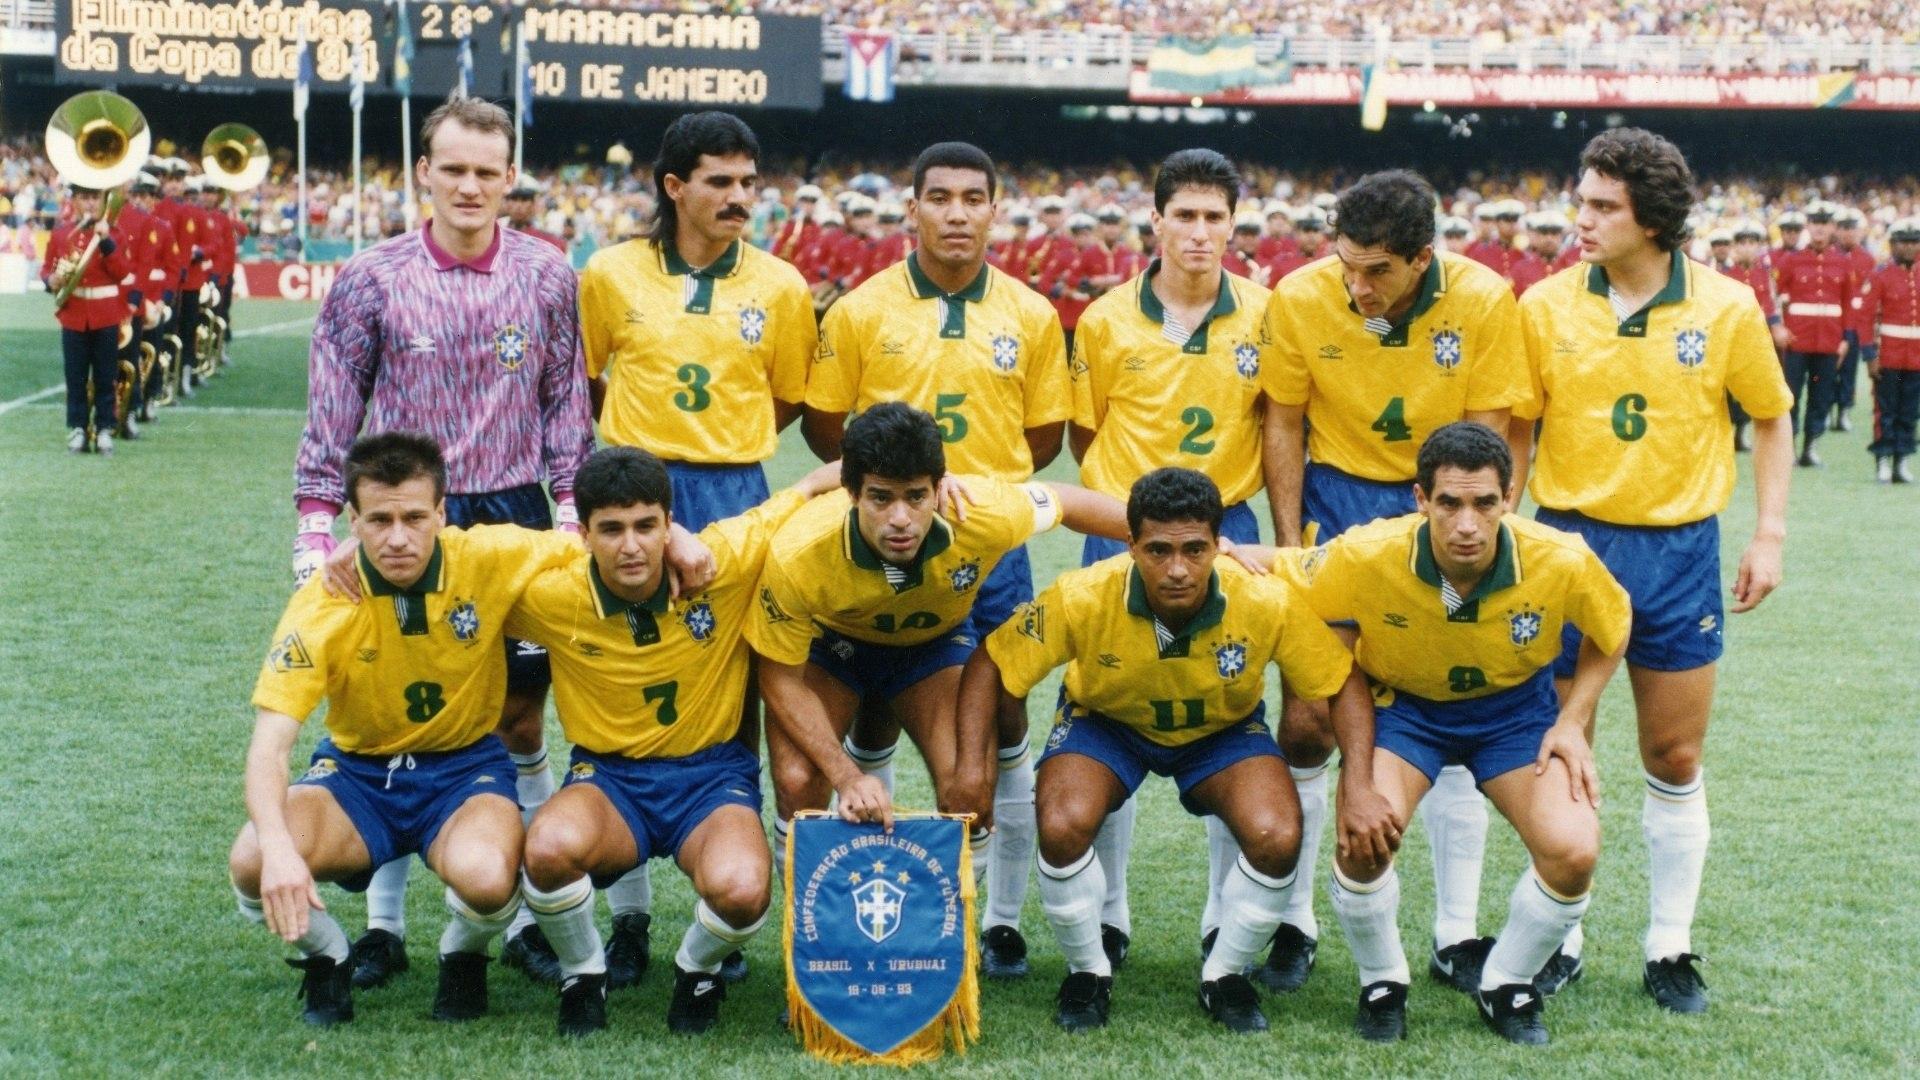 eliminatorias para copa de 1994